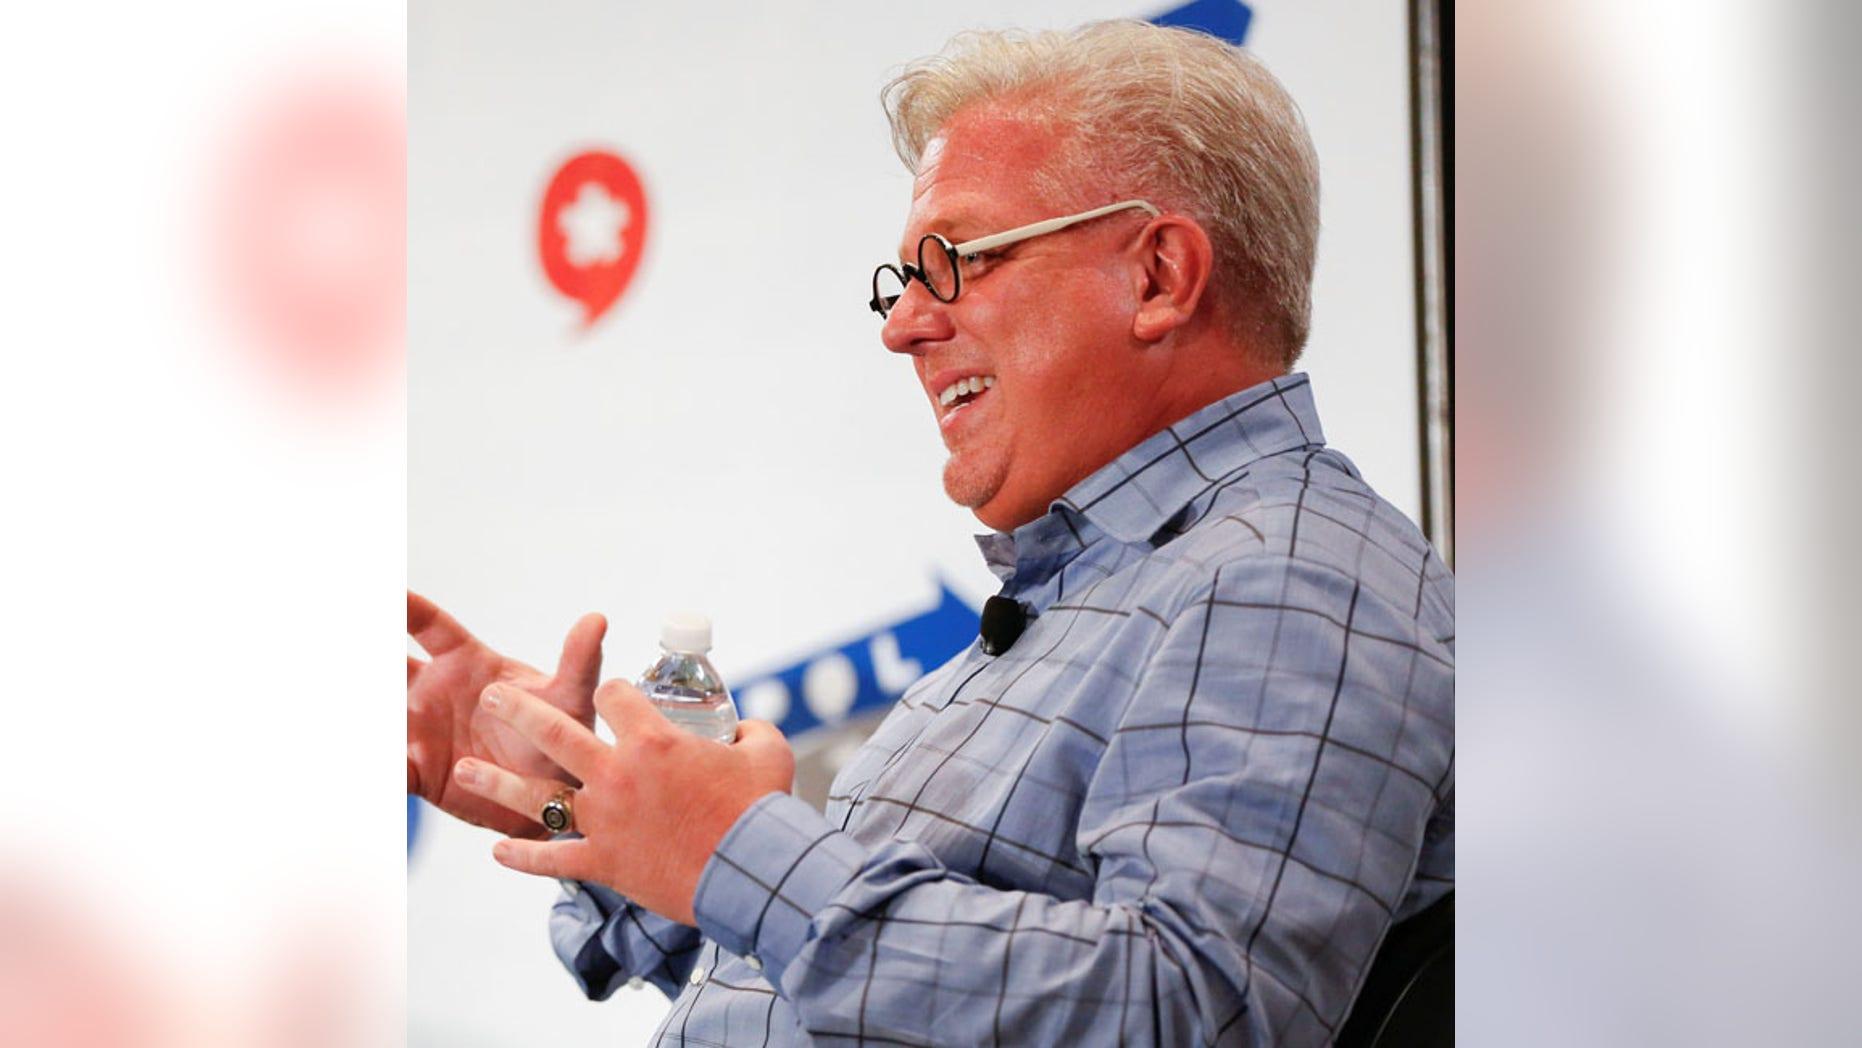 Glenn Beck, founder of The Blaze